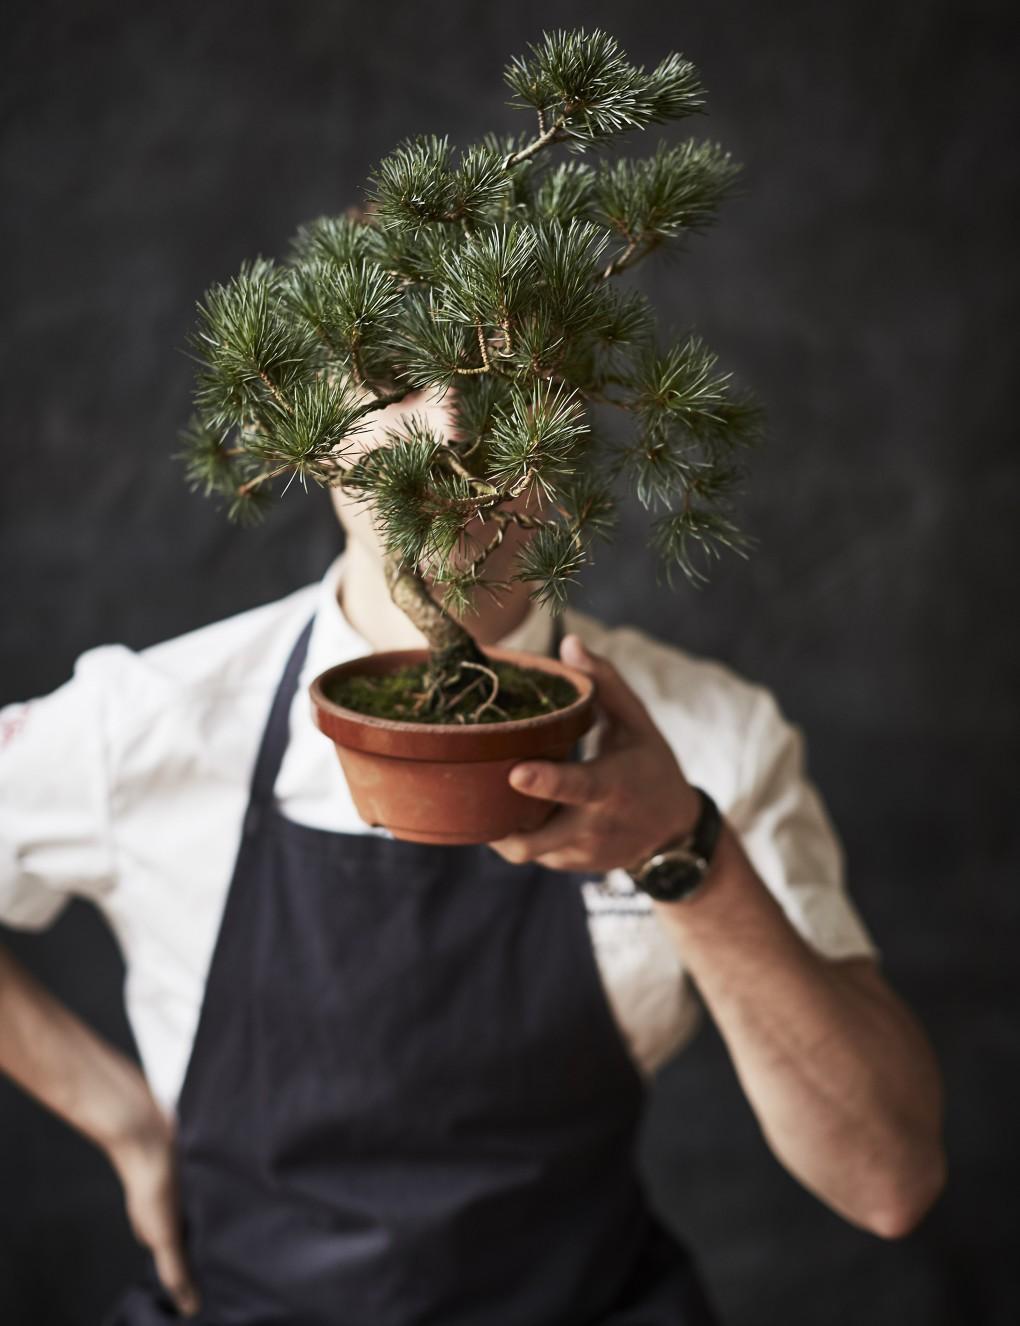 Porträtt av kock, köksmästare Jonas Svensson fotografrat av Paulina Westerlind. Miss Voon.